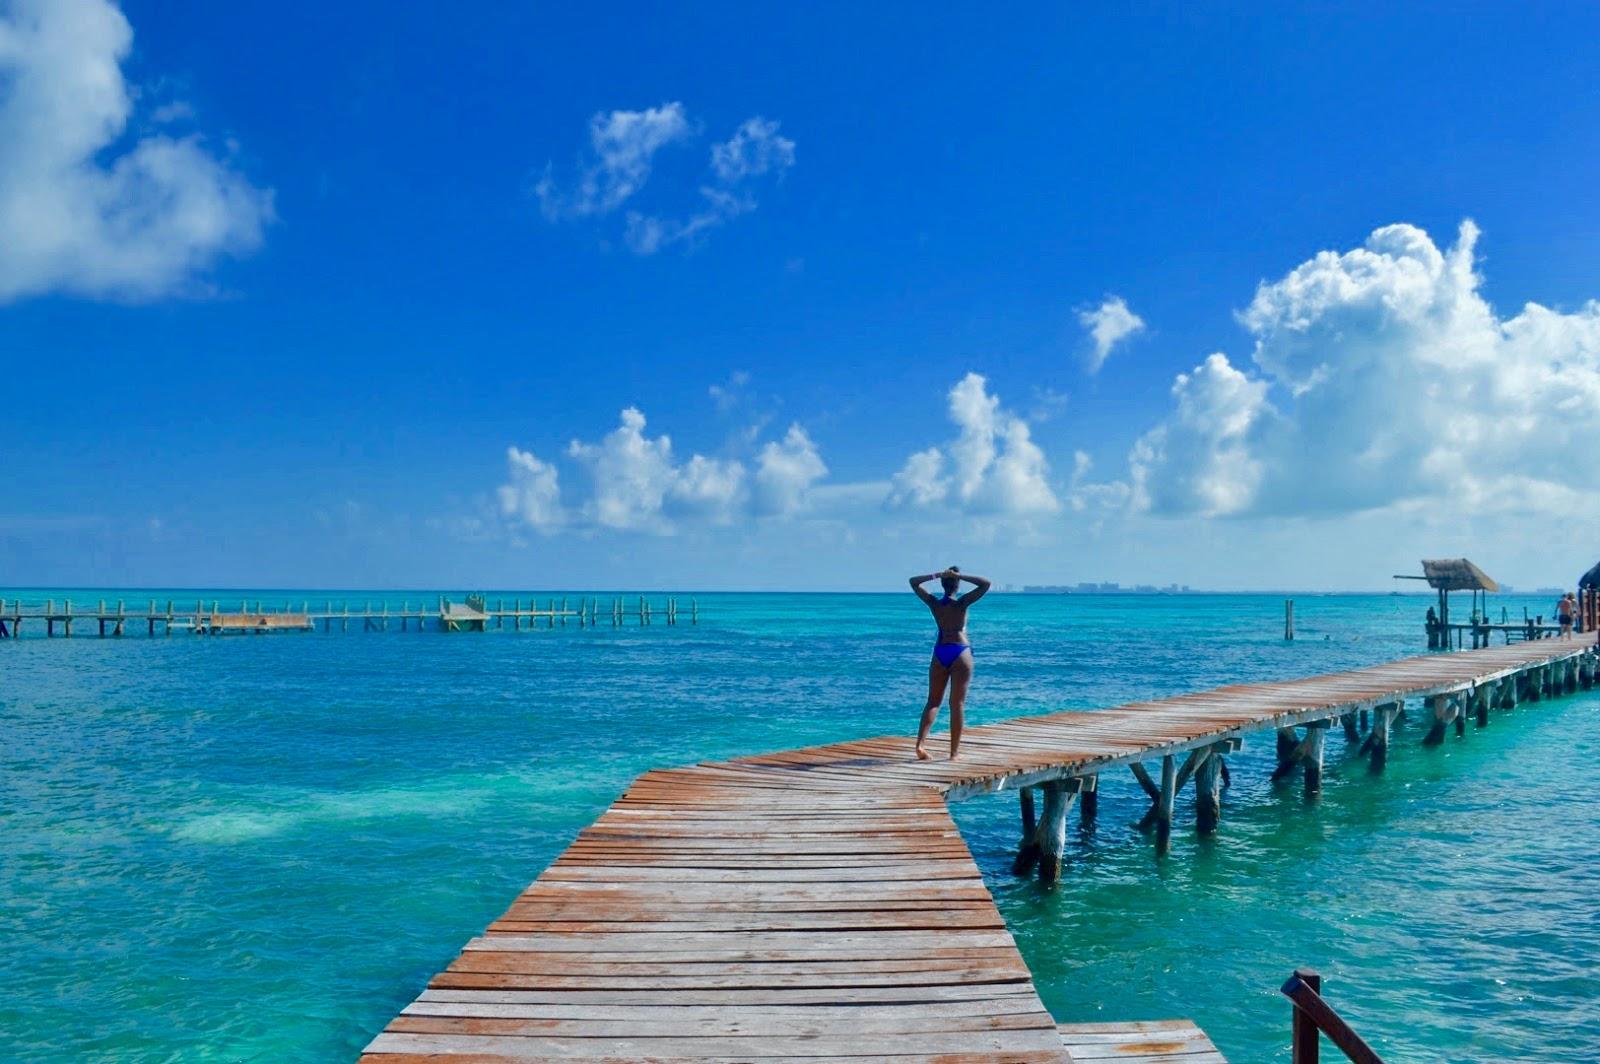 Top 5 Travel Destinations | 2017